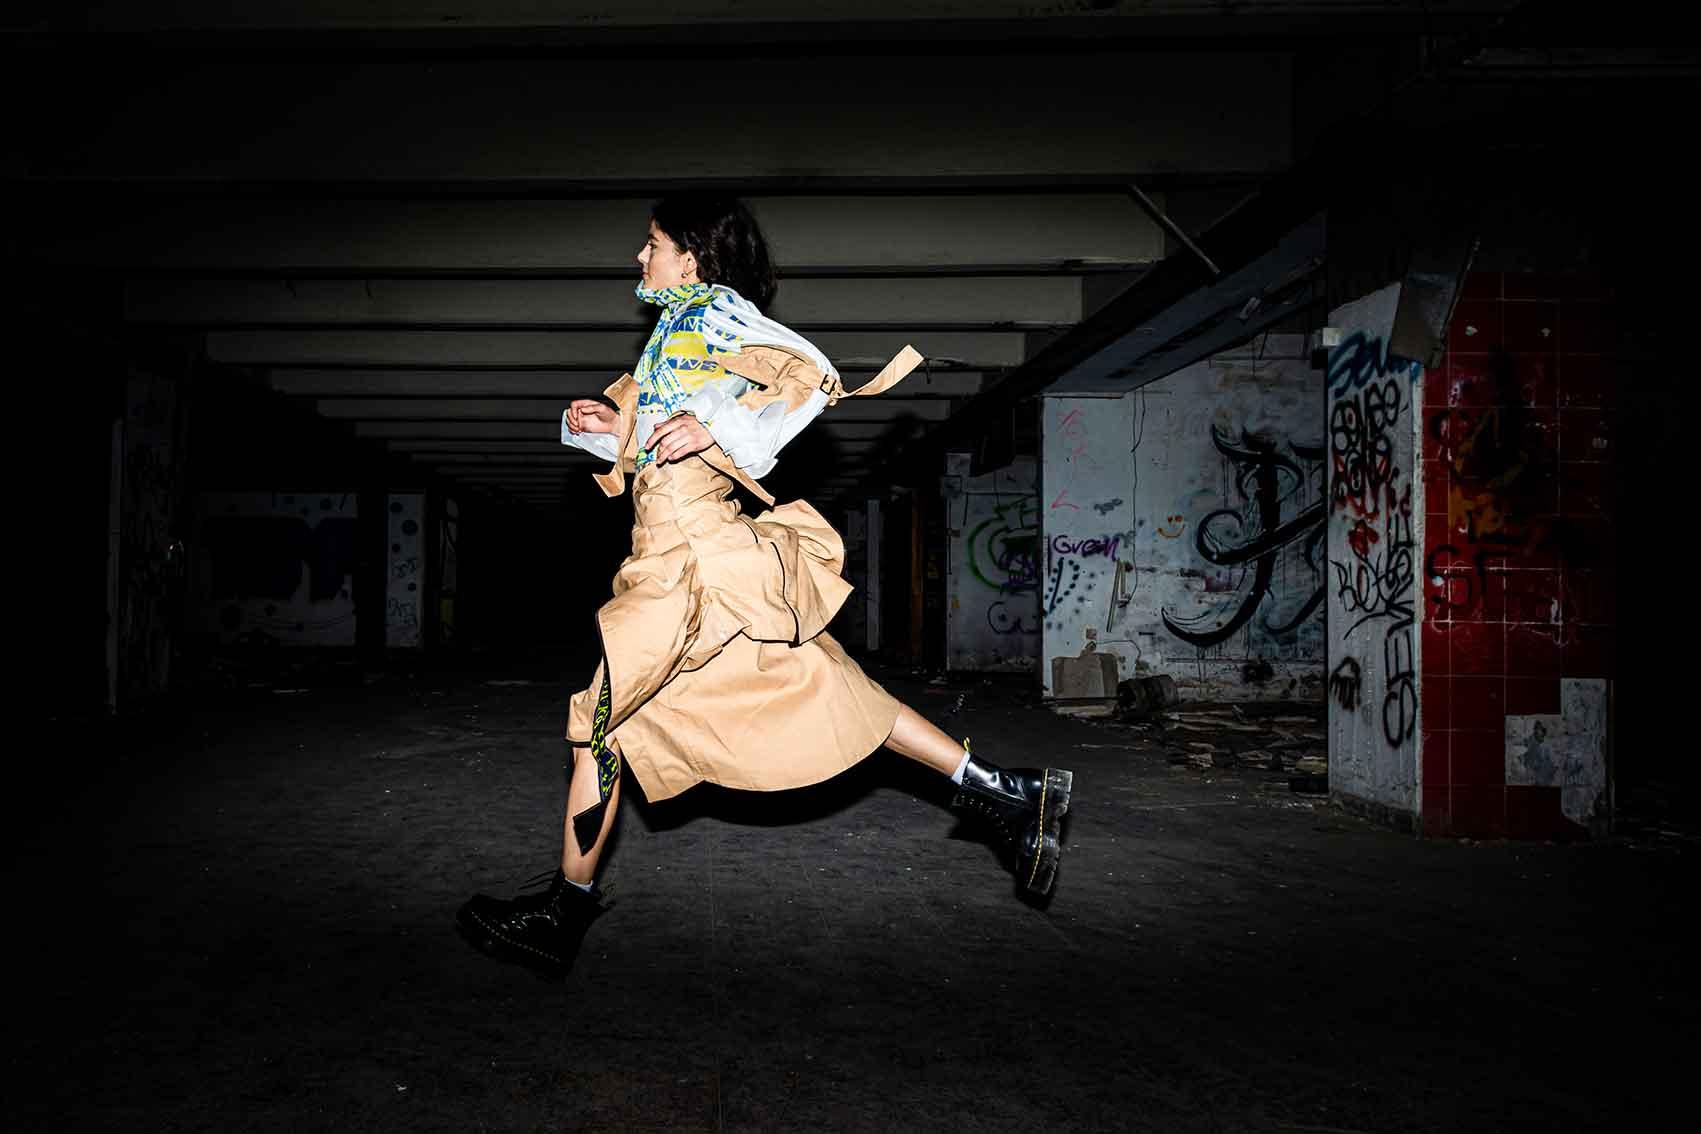 הפקות_אופנה_עיצוב אופנה: מאיה אורשקינה, צילום: שחר טישלר, איפור & שיער: נאילה זרקאוי, דוגמניות: סופיה שקוליפה, יוליה גולביץ', ניקה סמיצ'יק, דנה ירקוני-03